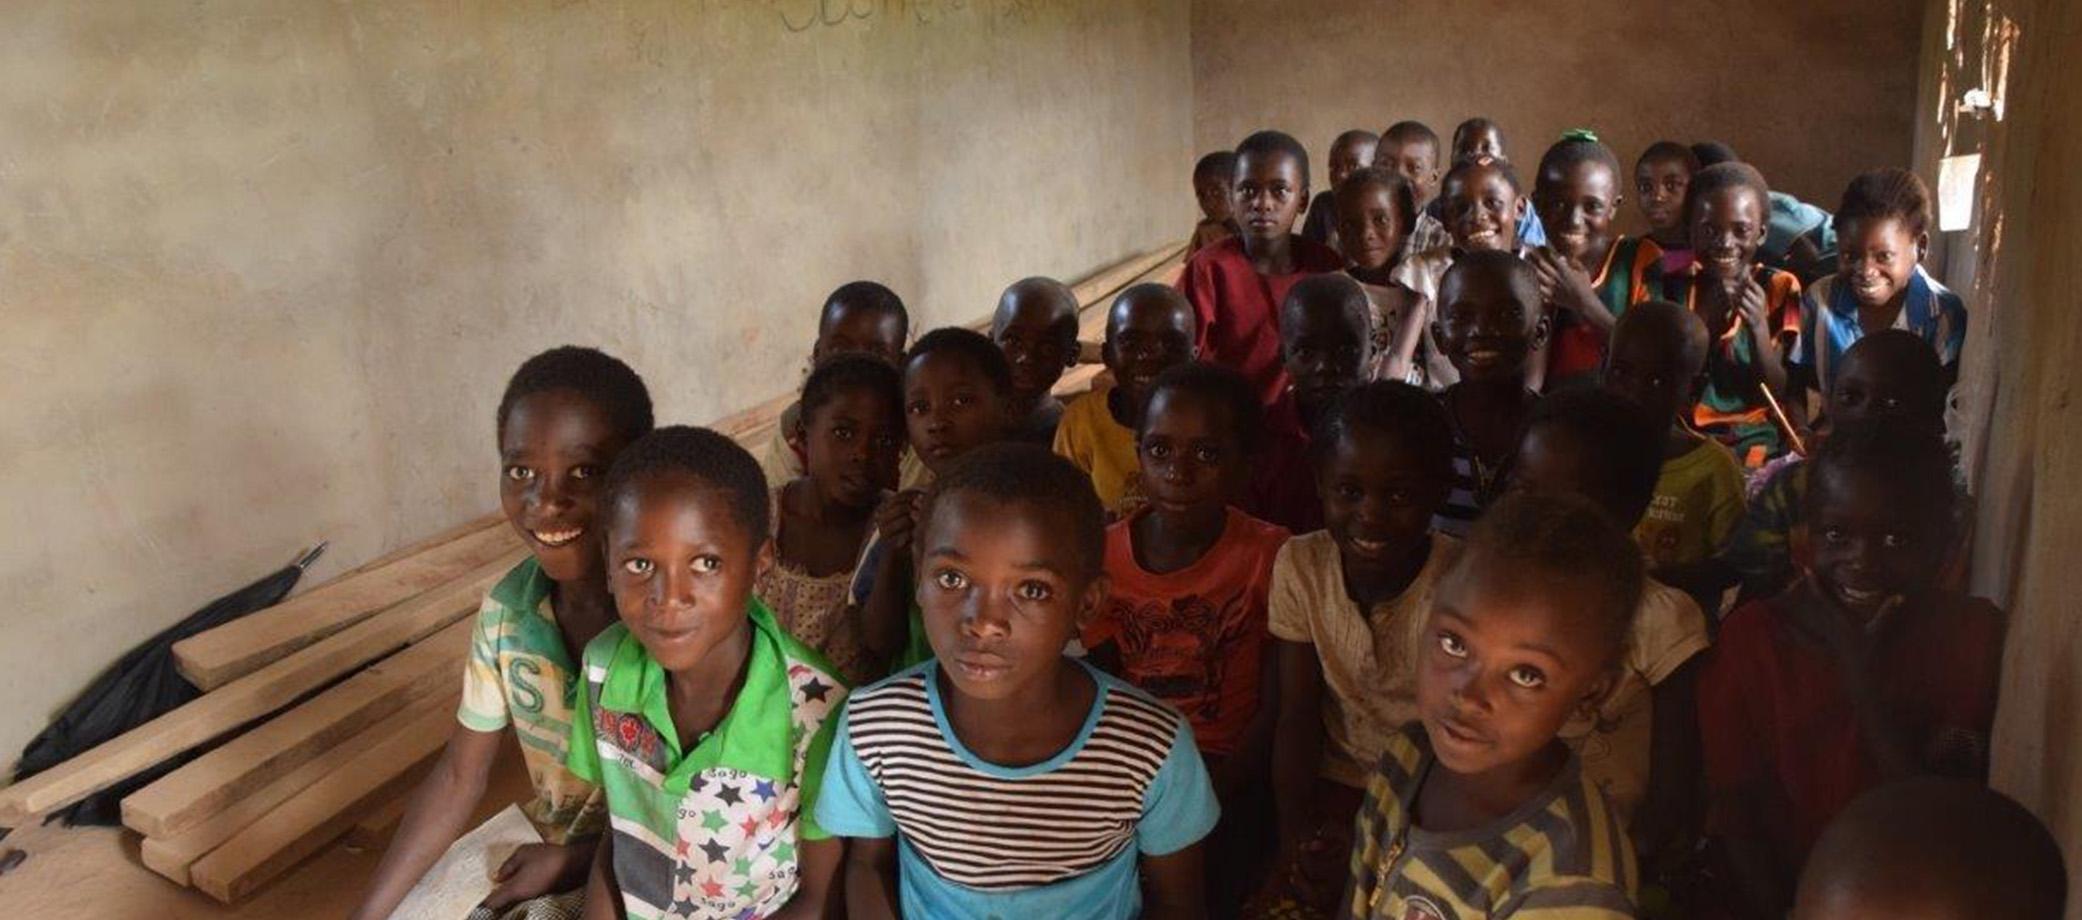 Zambia 2082x920 2